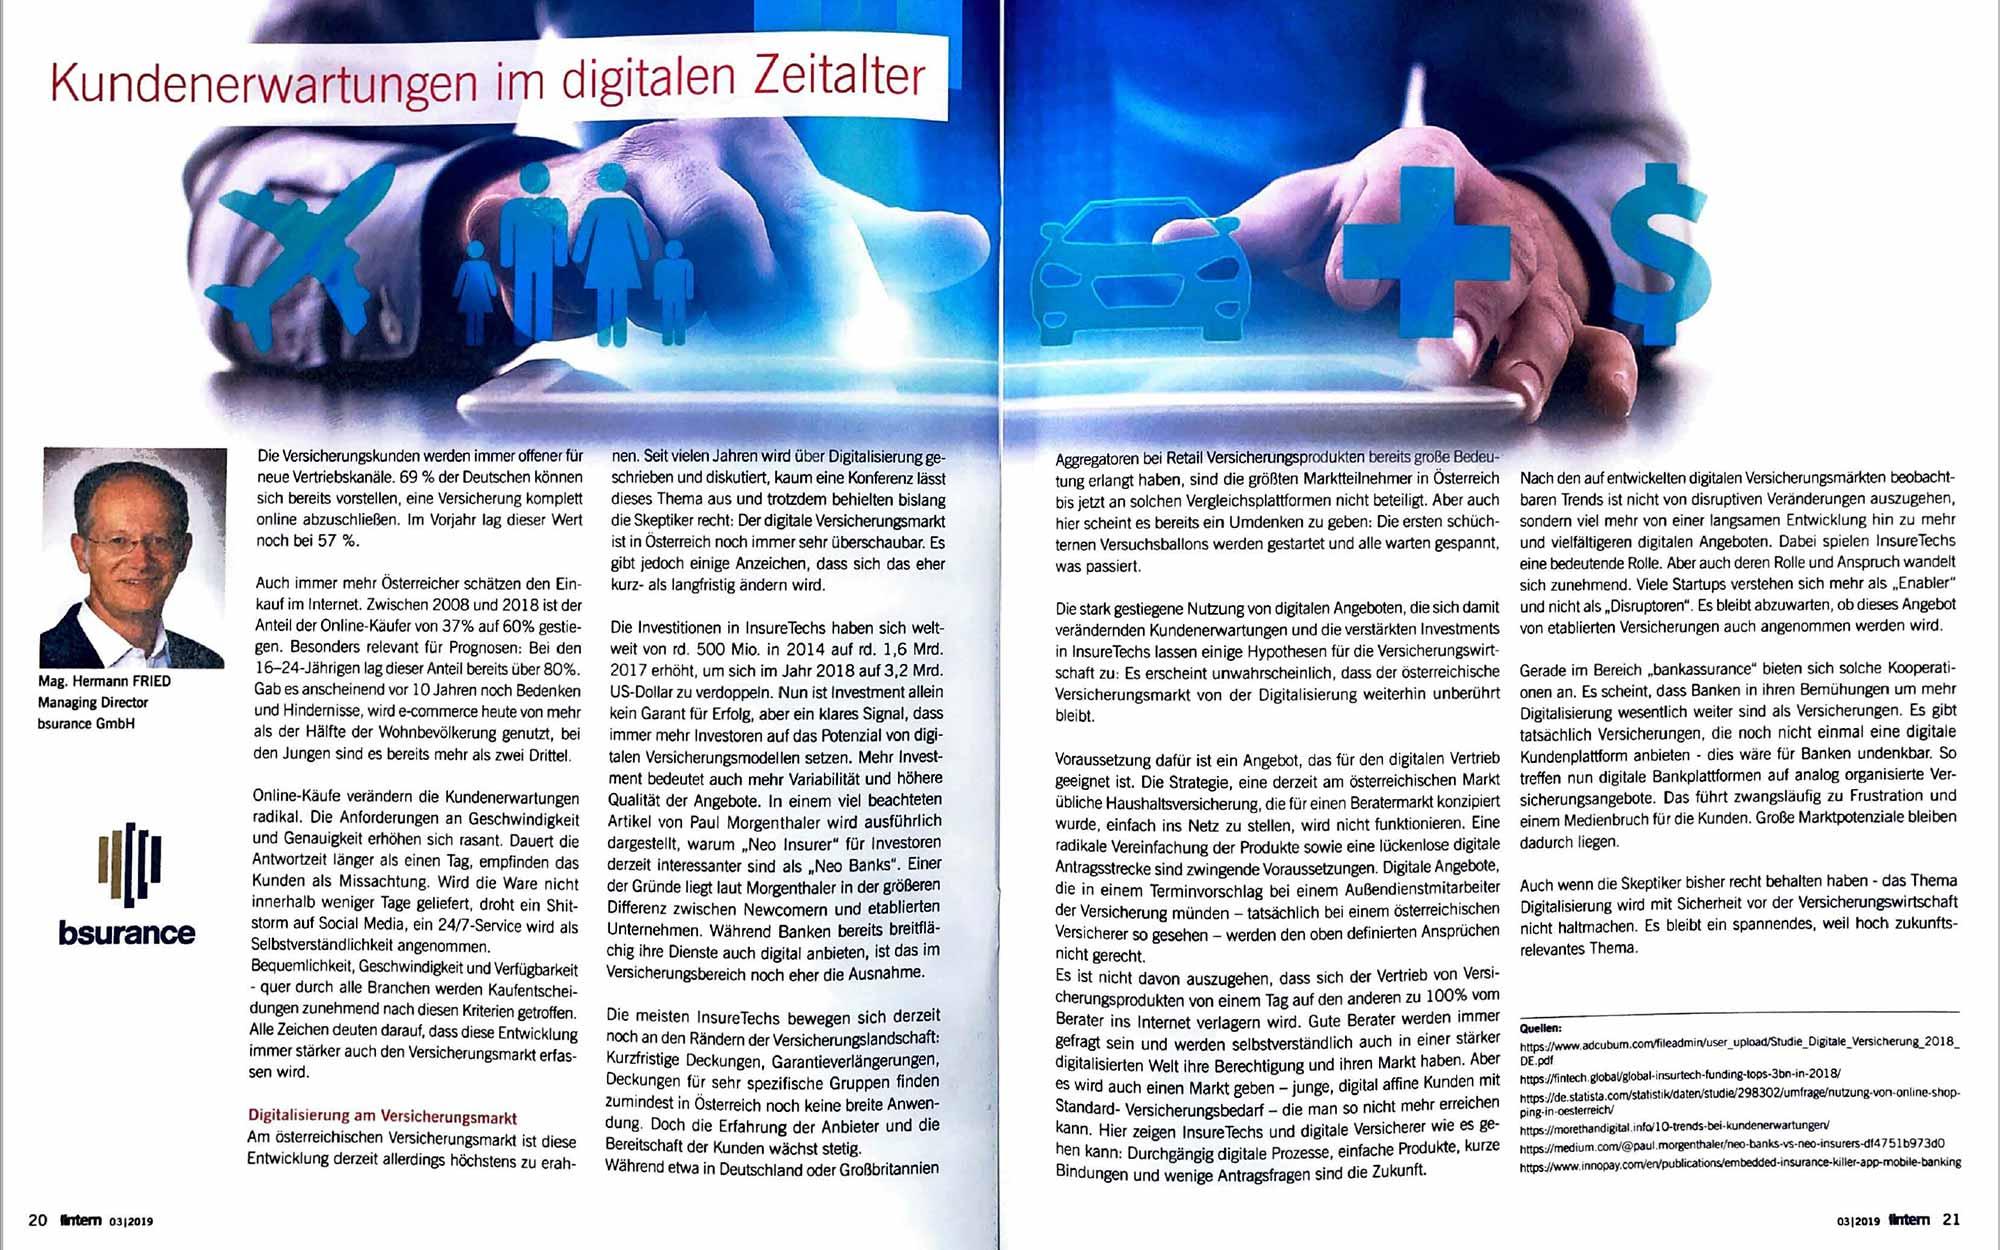 Kundenerwartungen im digitalen Zeitalter, Makler Intern, ÖVM, Hermann Fried